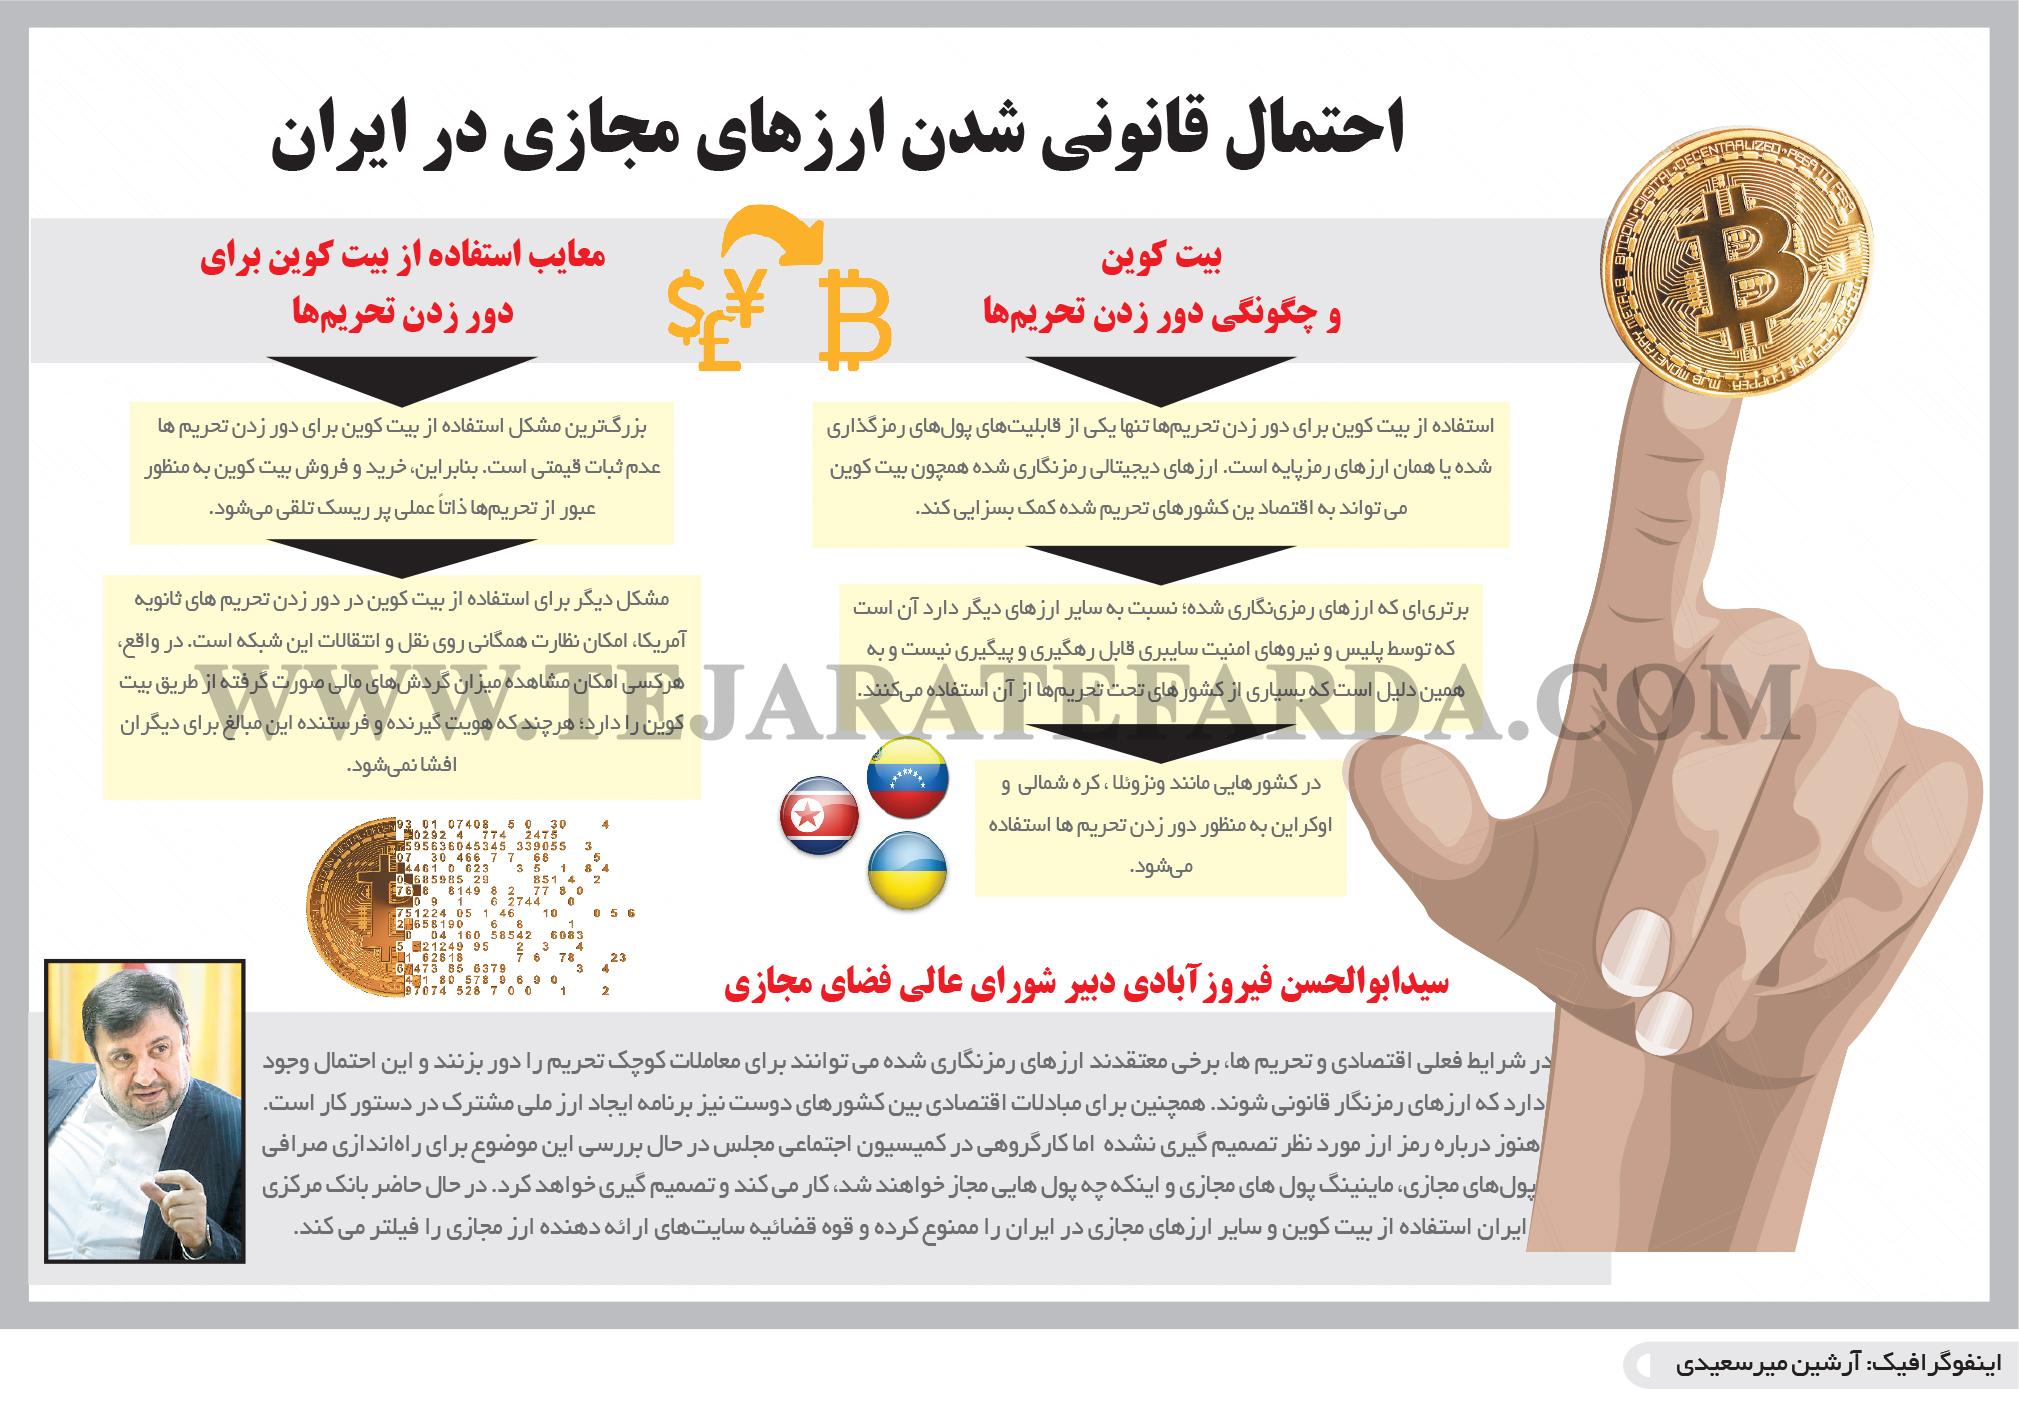 تجارت- فردا- احتمال قانونی شدن ارزهای مجازی در ایران(اینفوگرافیک)